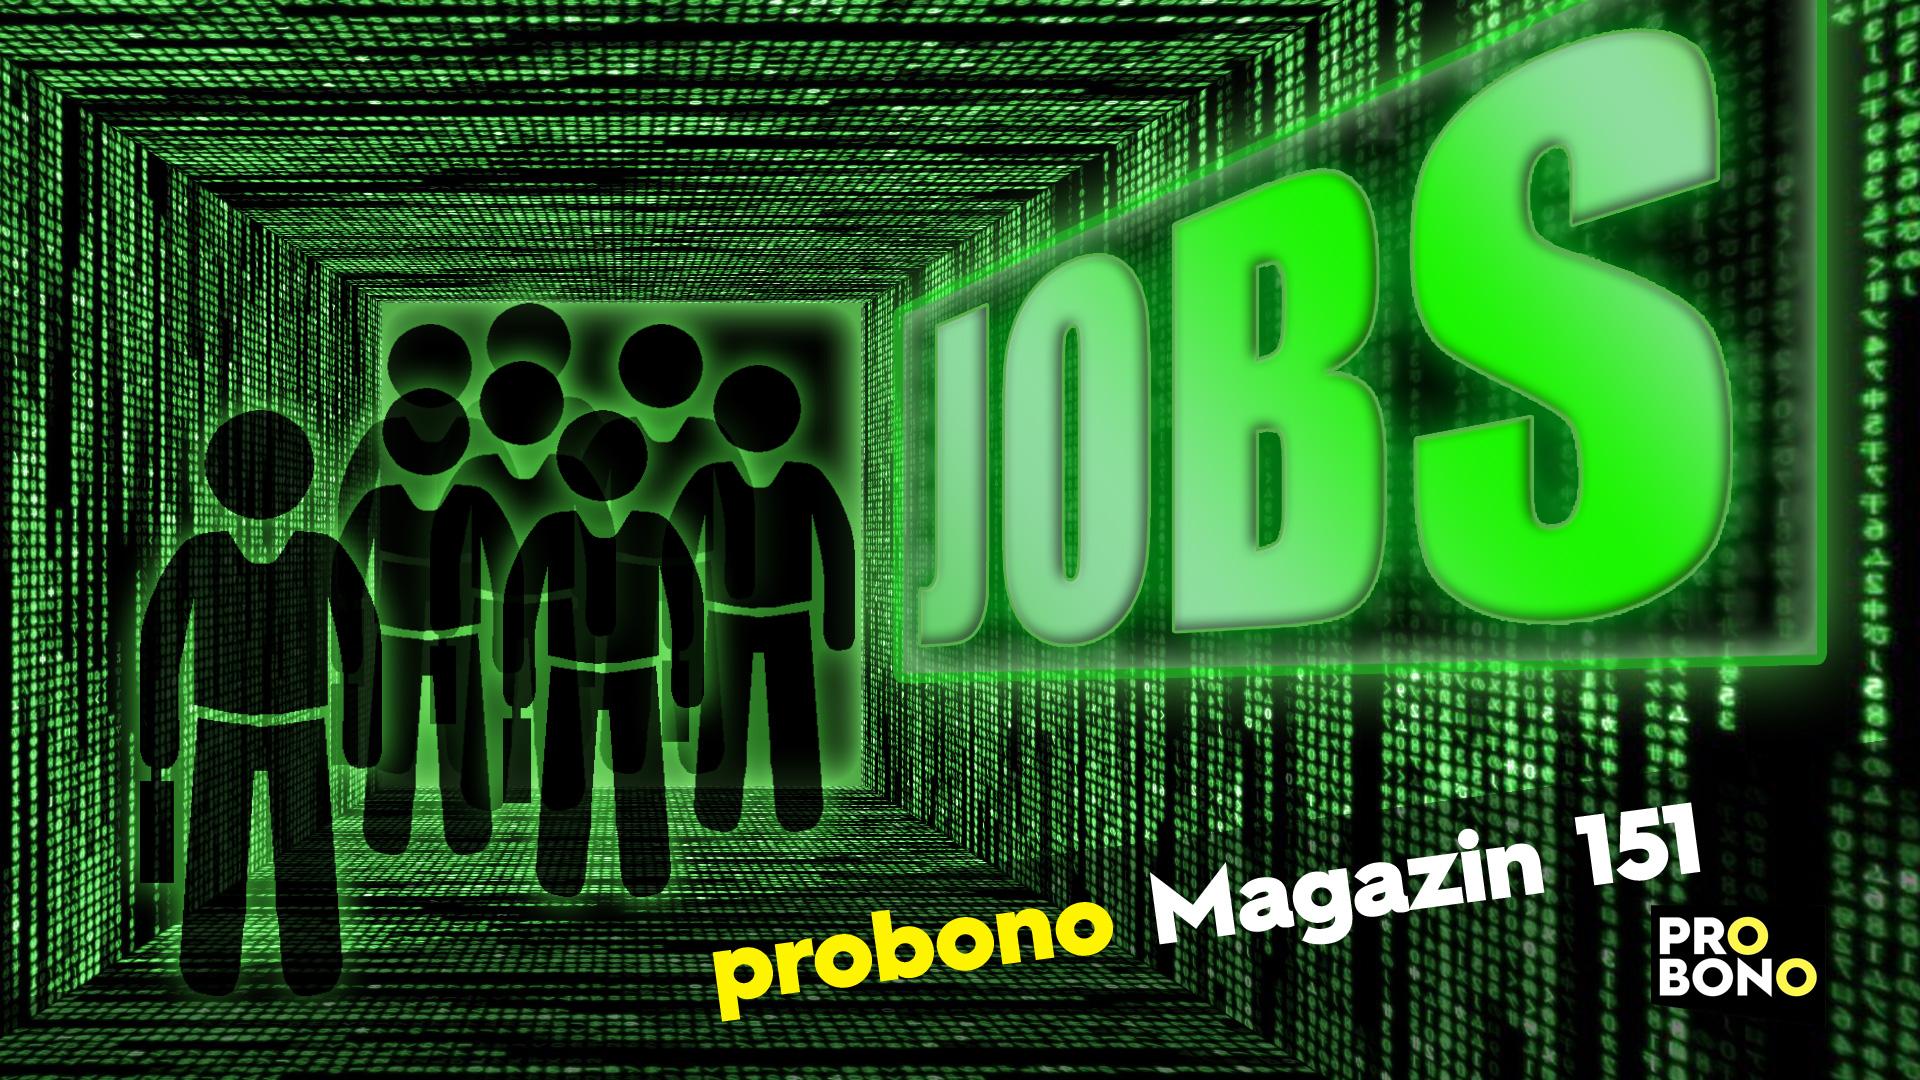 Jobs durch Digitalisierung – Nur ein CDU-Traum? (probono Magazin)